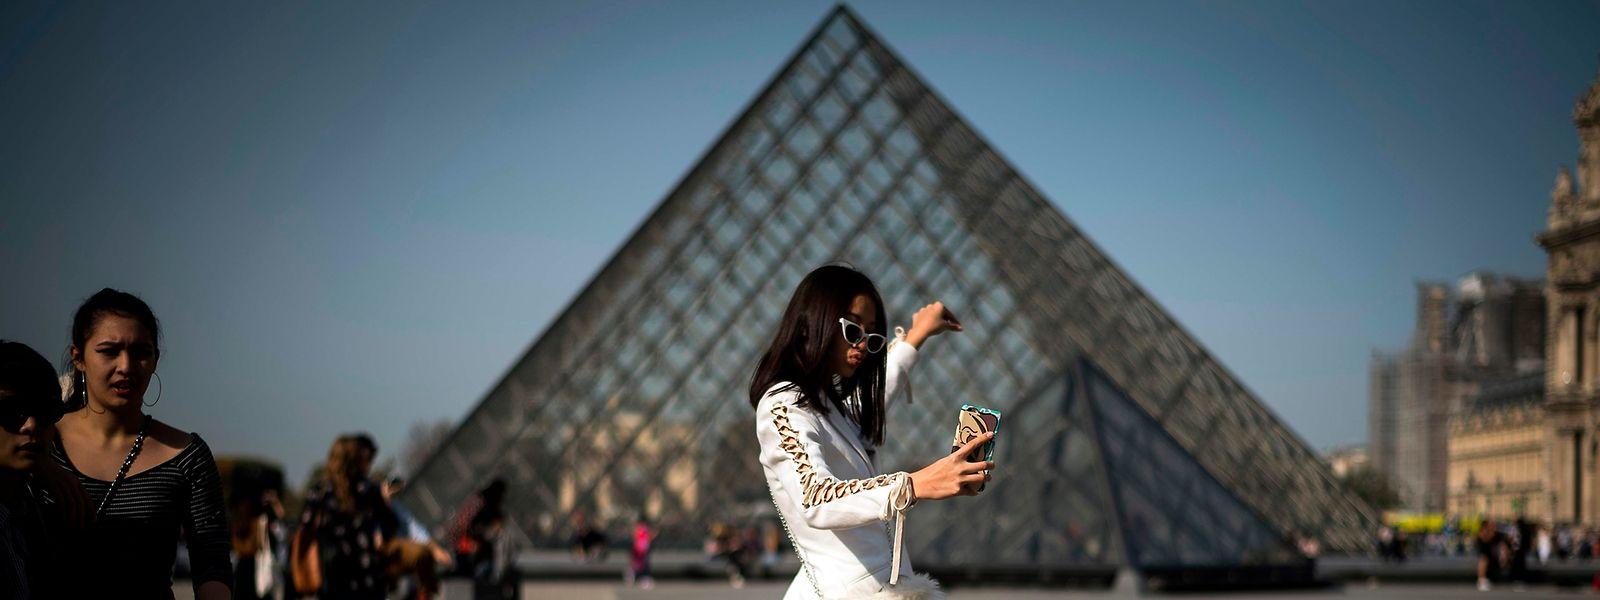 Der Louvre gehört zu den Top-Attraktionen des französischen Hauptstadt.